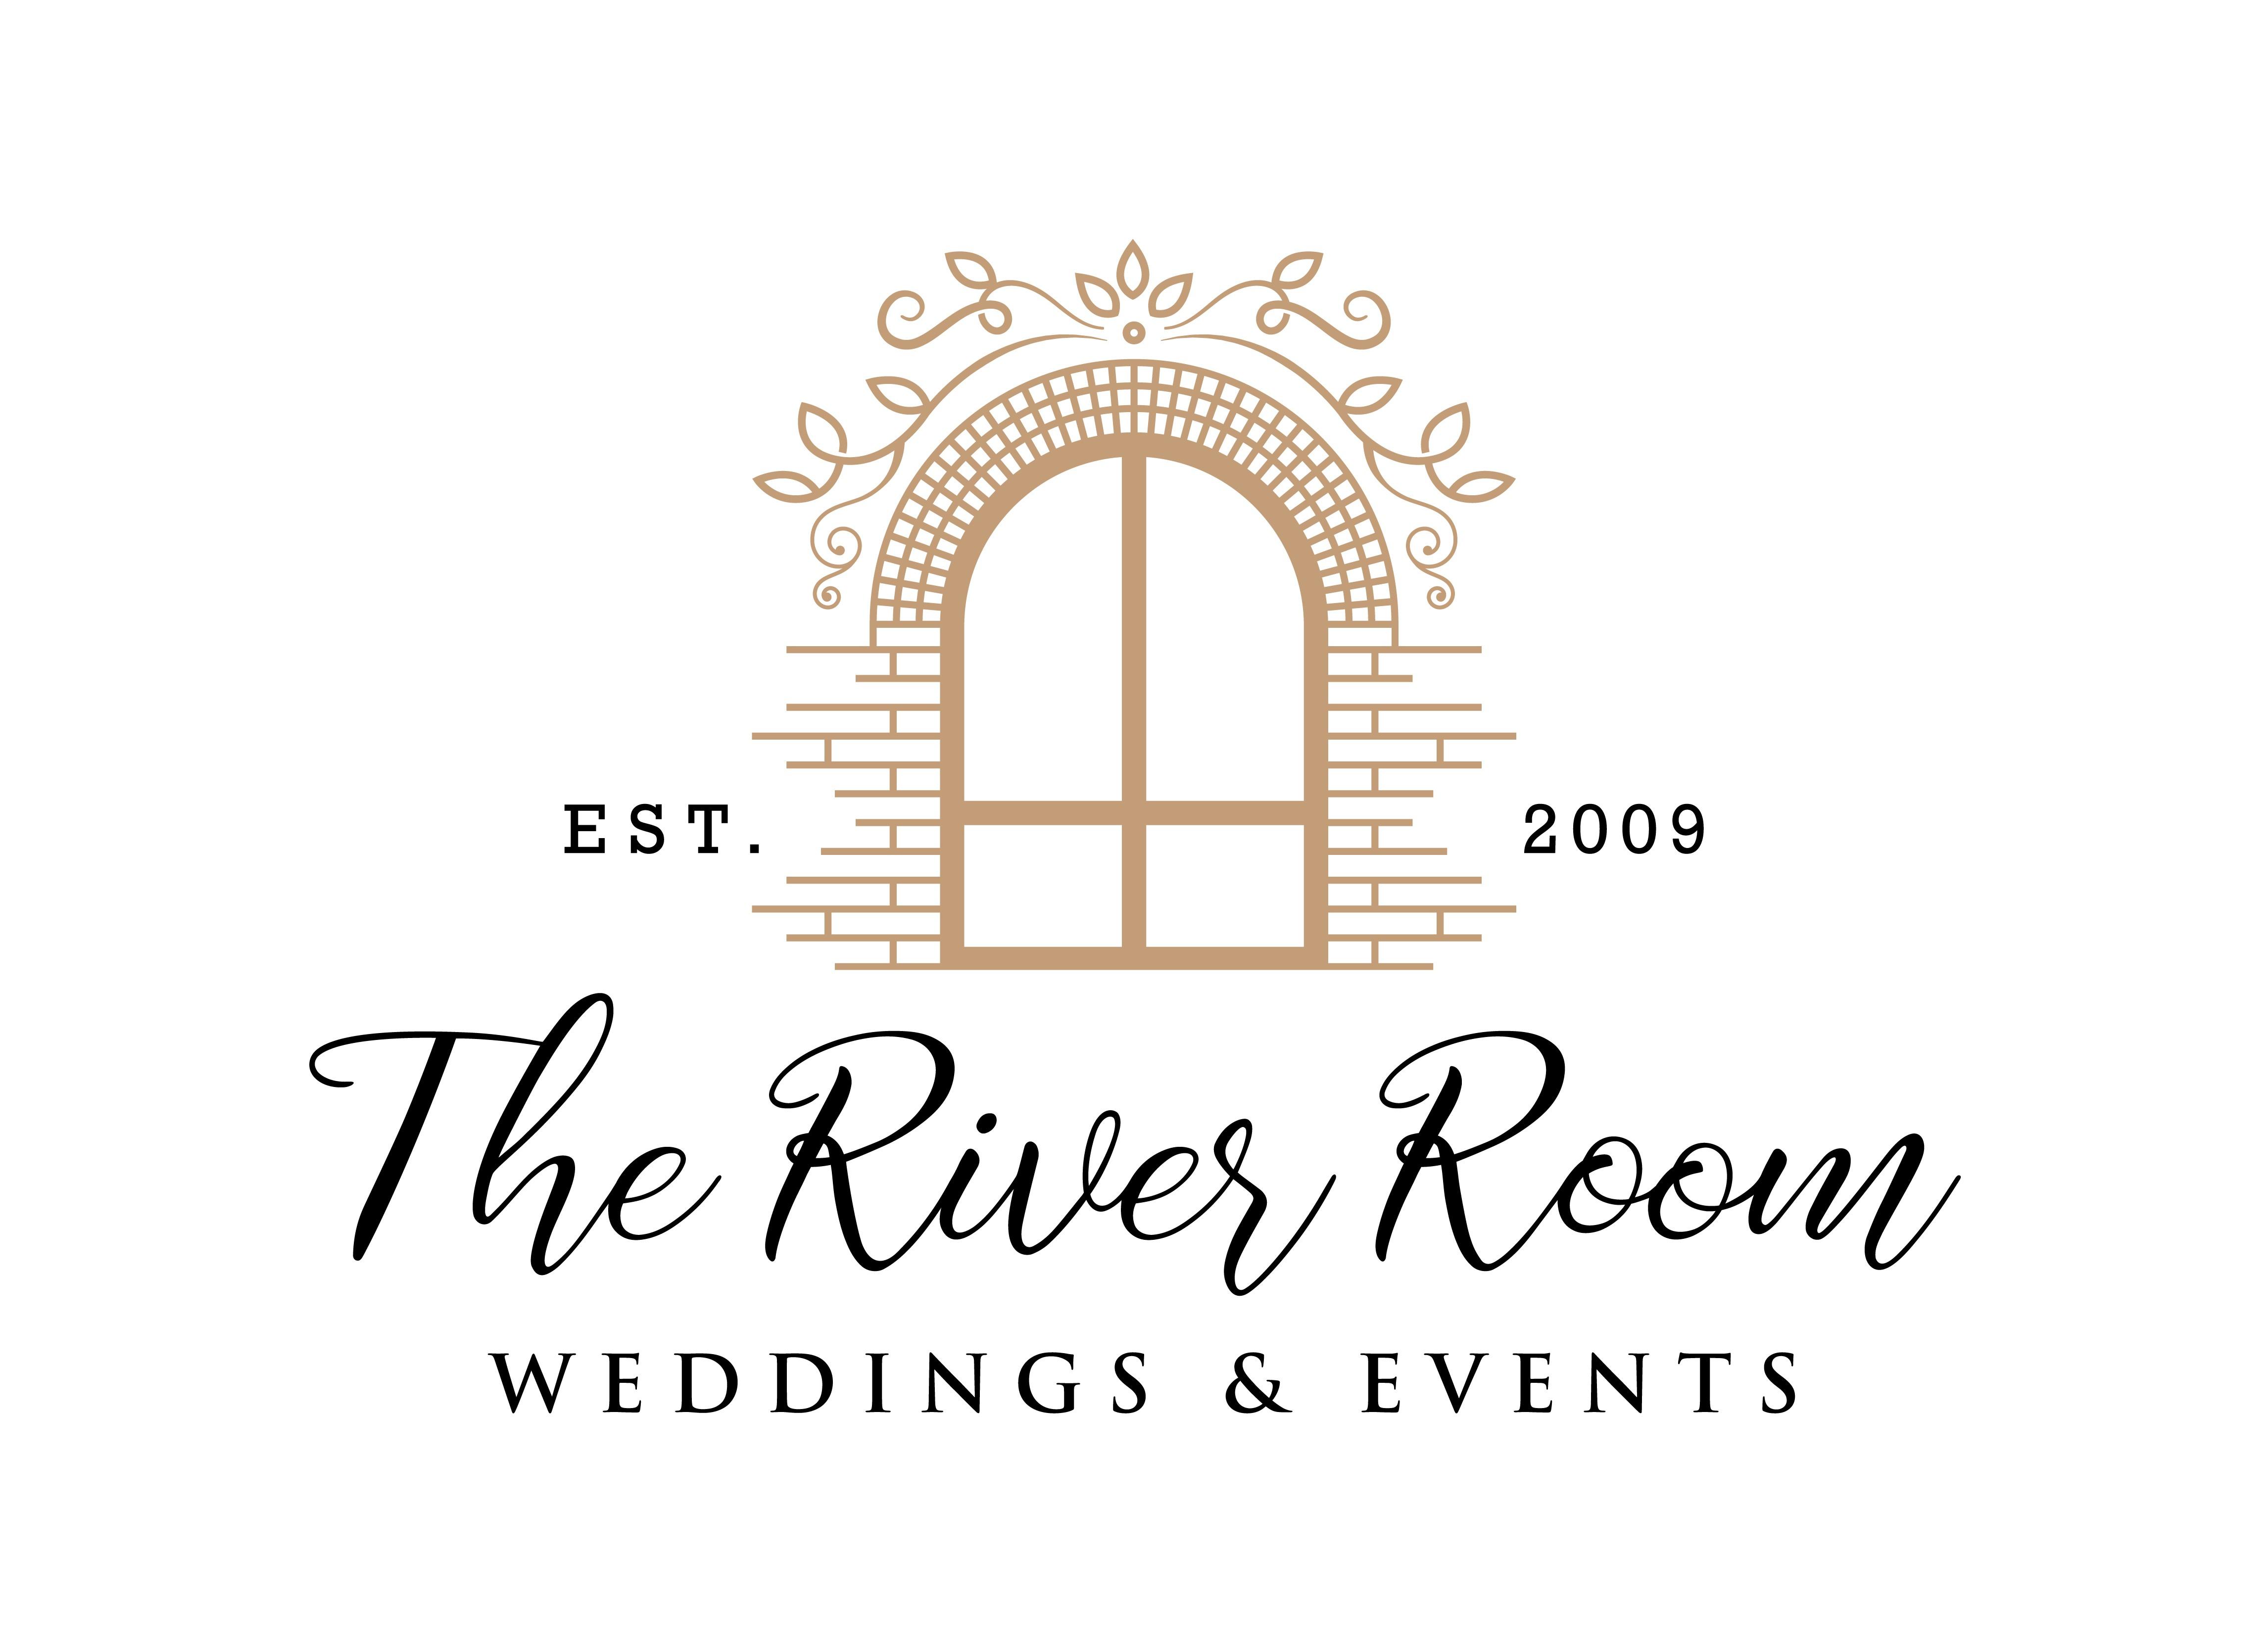 Waterfront Wedding Venue Logo